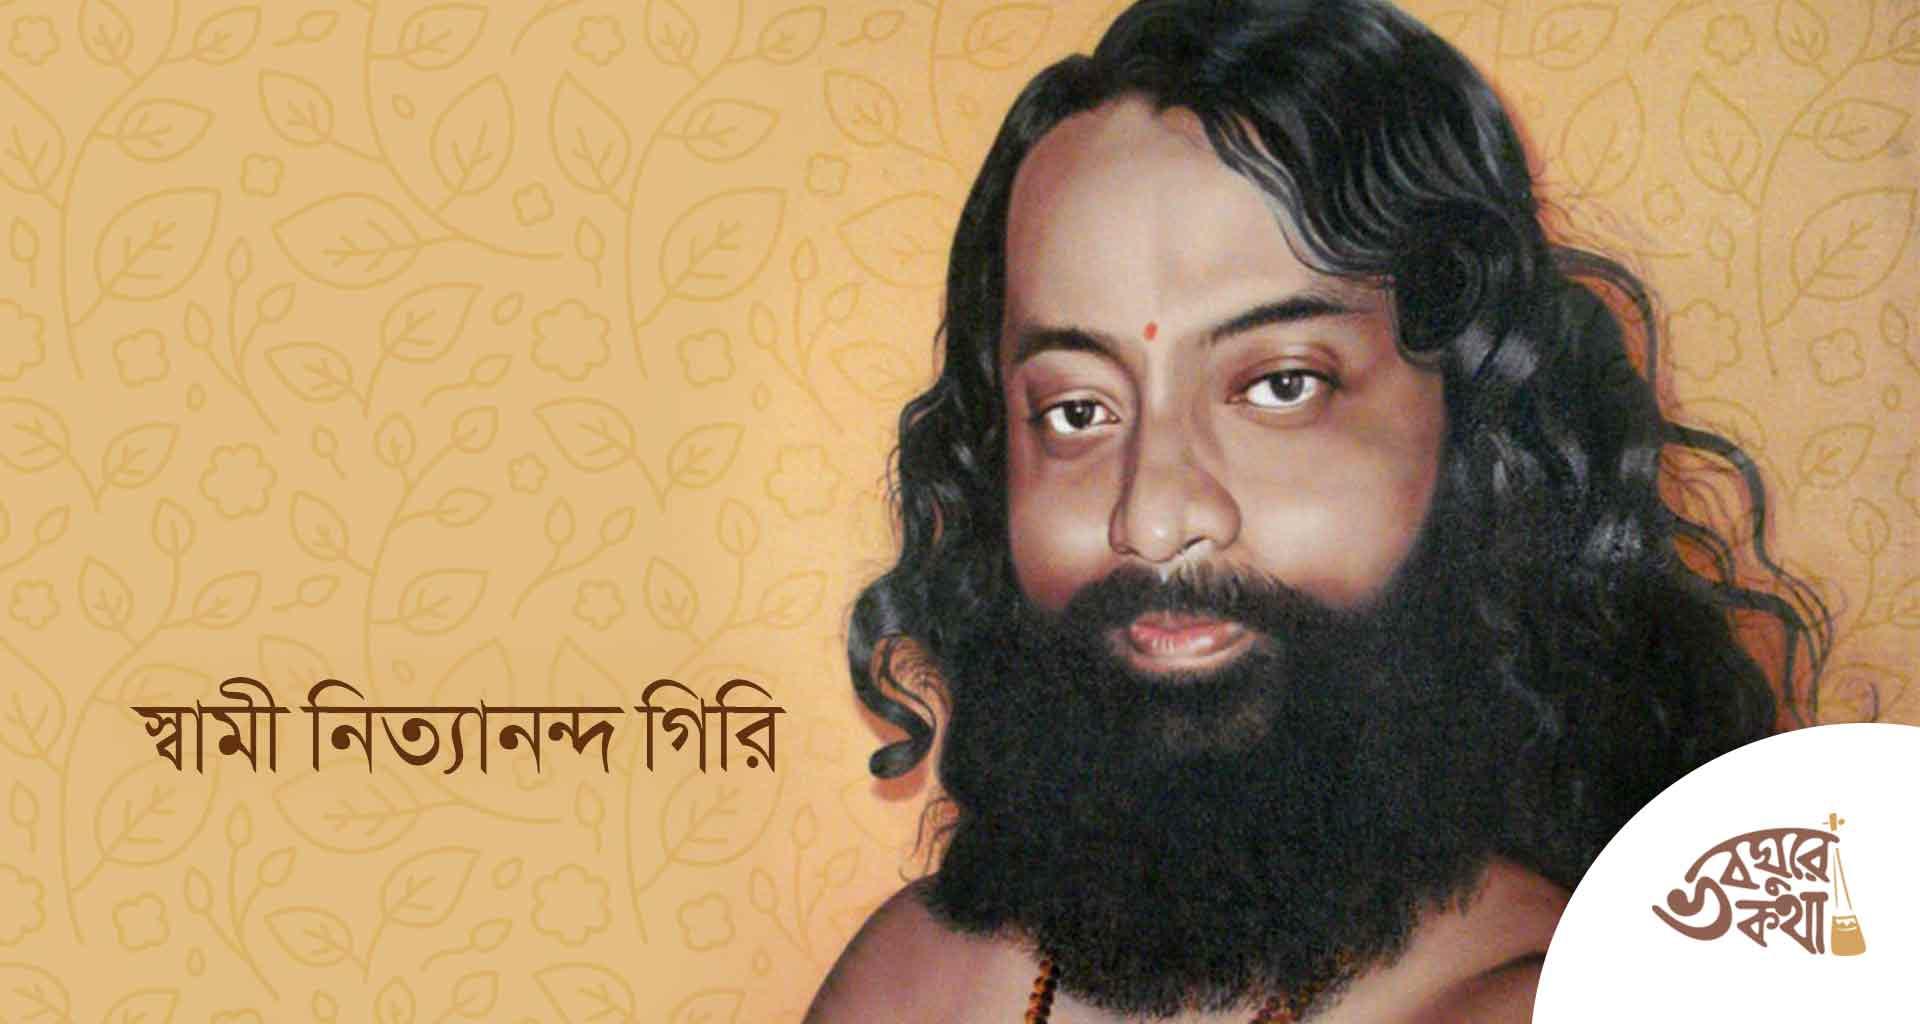 স্বামী নিত্যানন্দ গিরির বাণী: আট